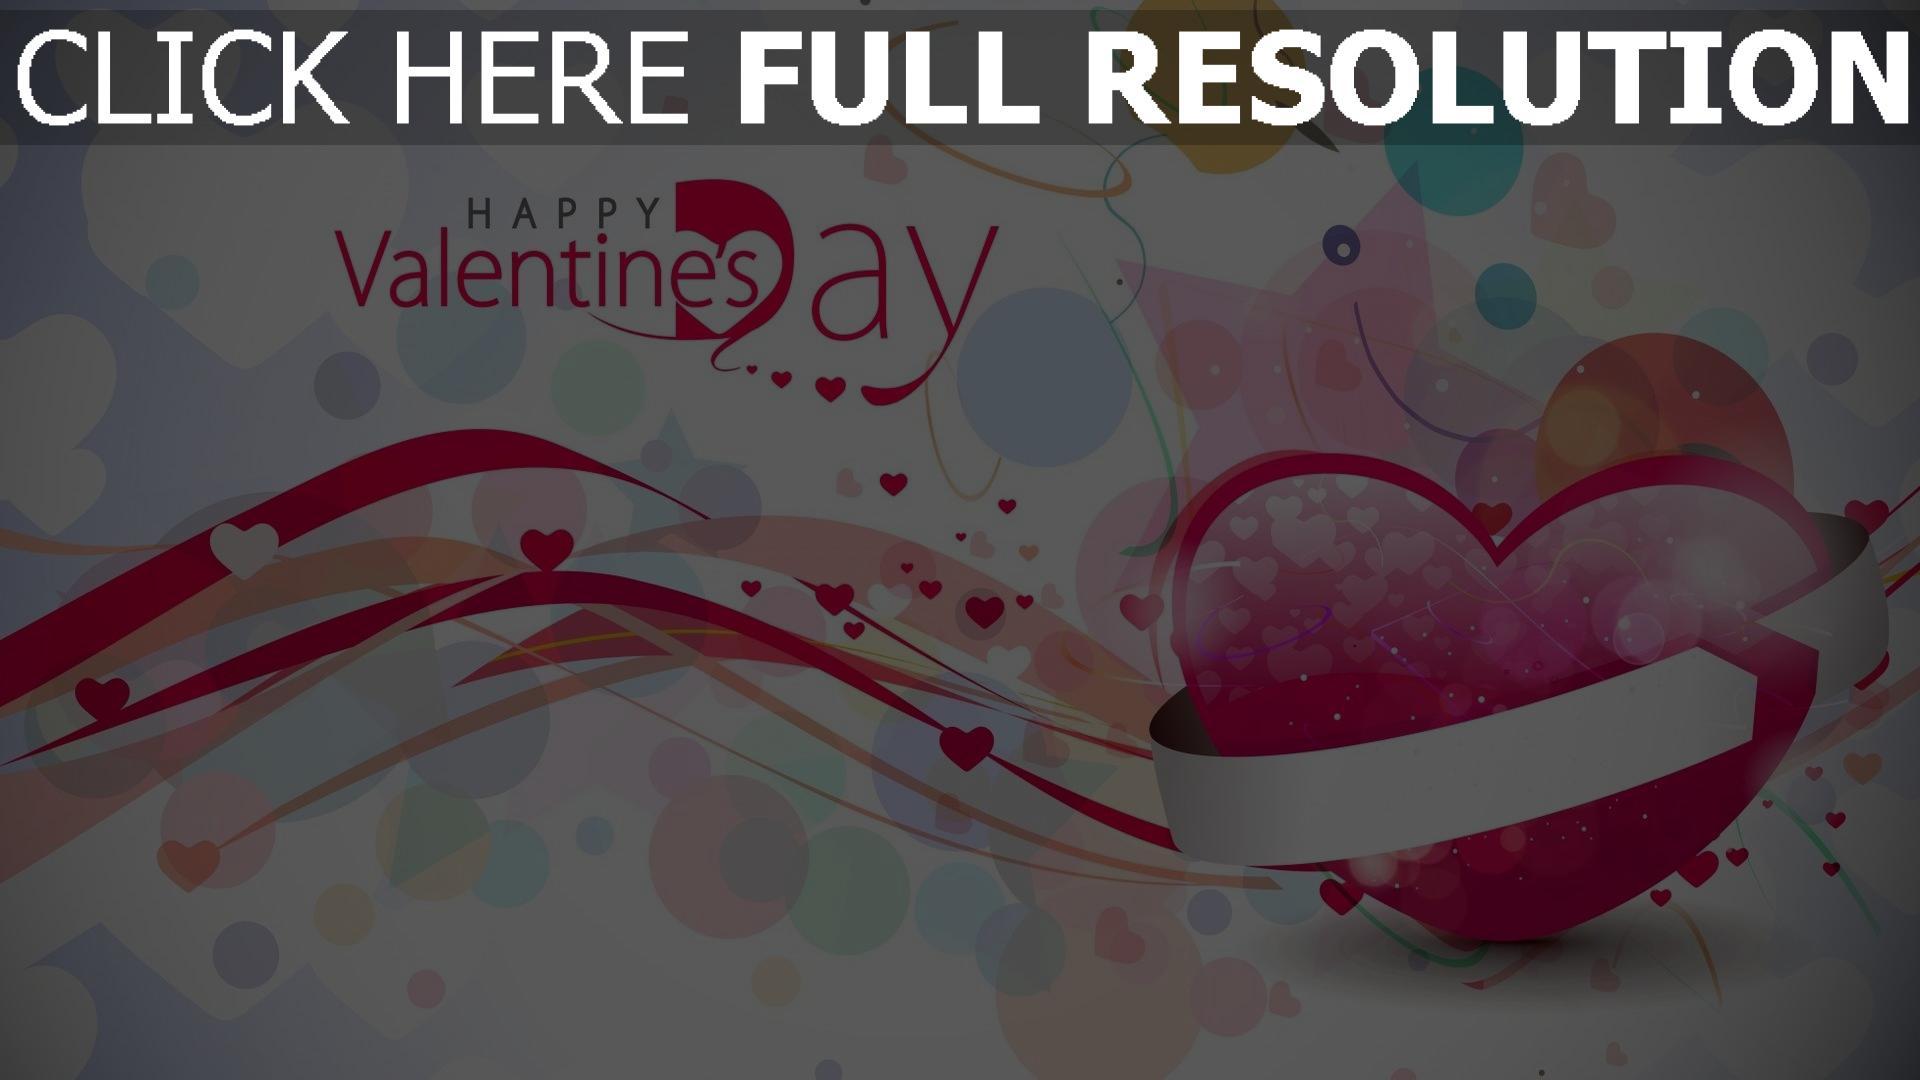 Hd Hintergrundbilder Valentinstag Herz Symbol Glückwunsch 1920x1080